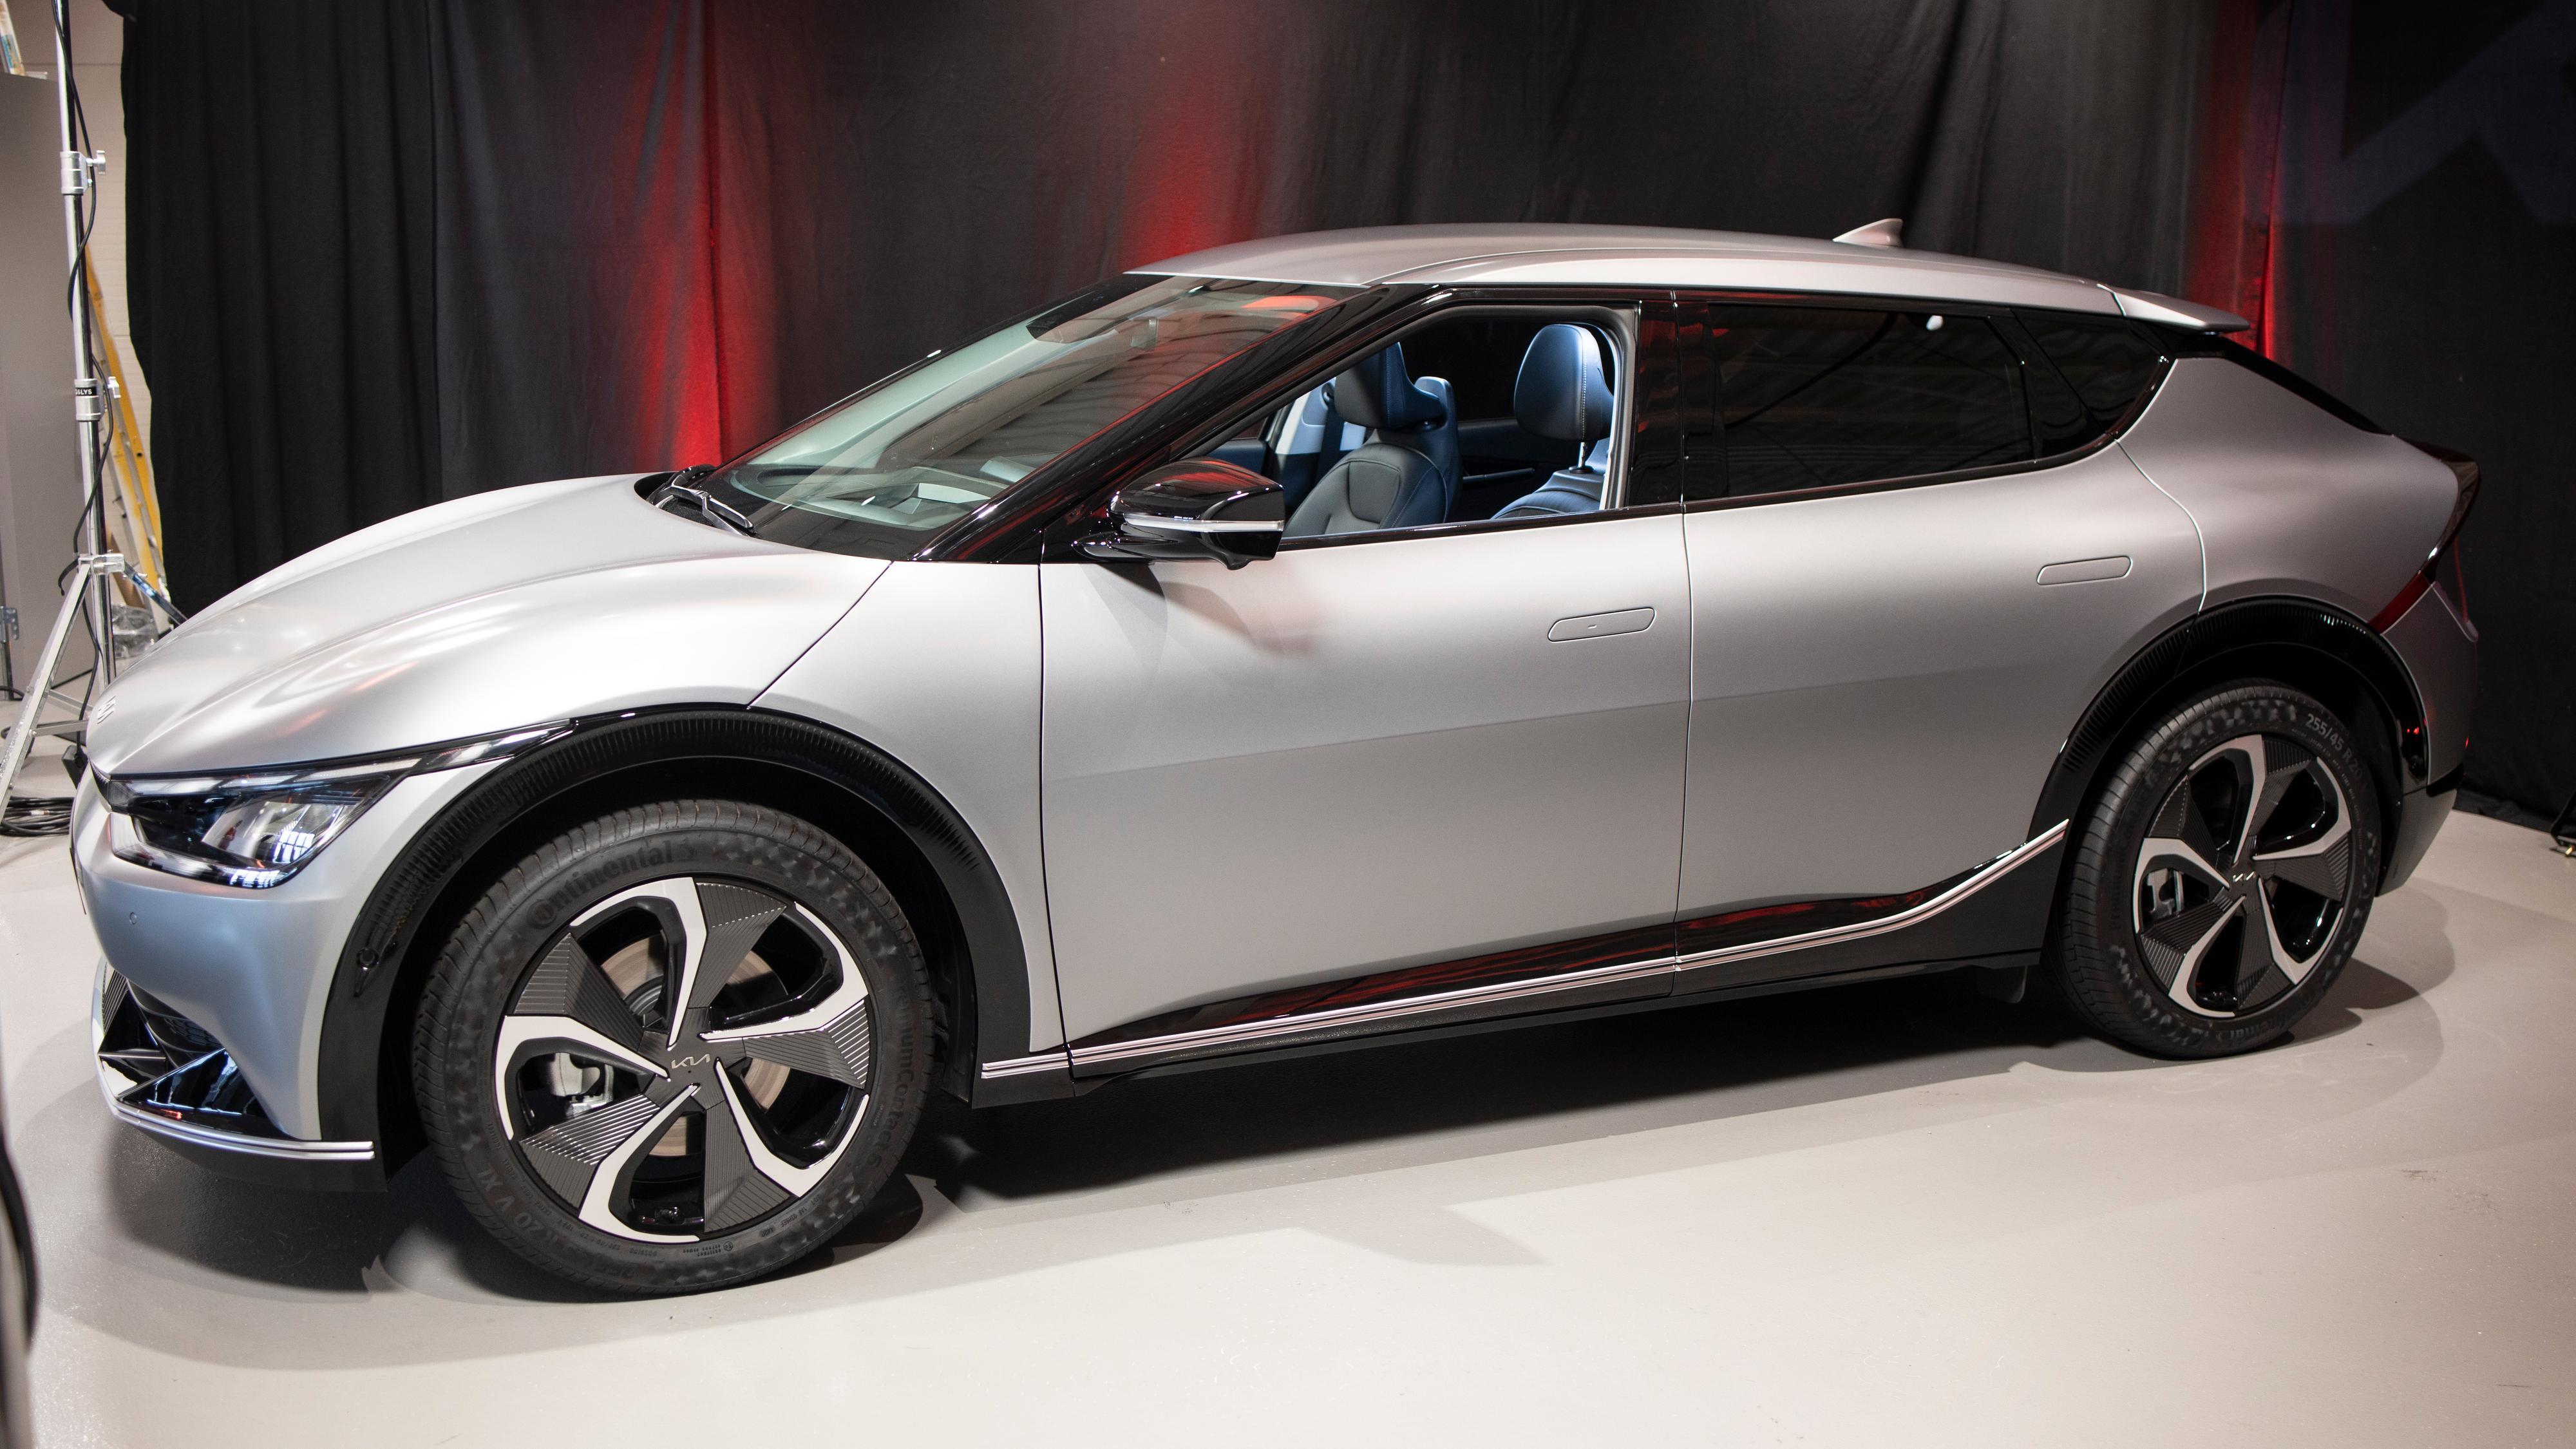 EV6 måler 4,68 meter lang, men har et litt mer sporty uttrykk enn søstermodellen Hyundai Ioniq 5, som er bygget på samme plattform. Her fra Kias norgesvisning litt tidligere i år.